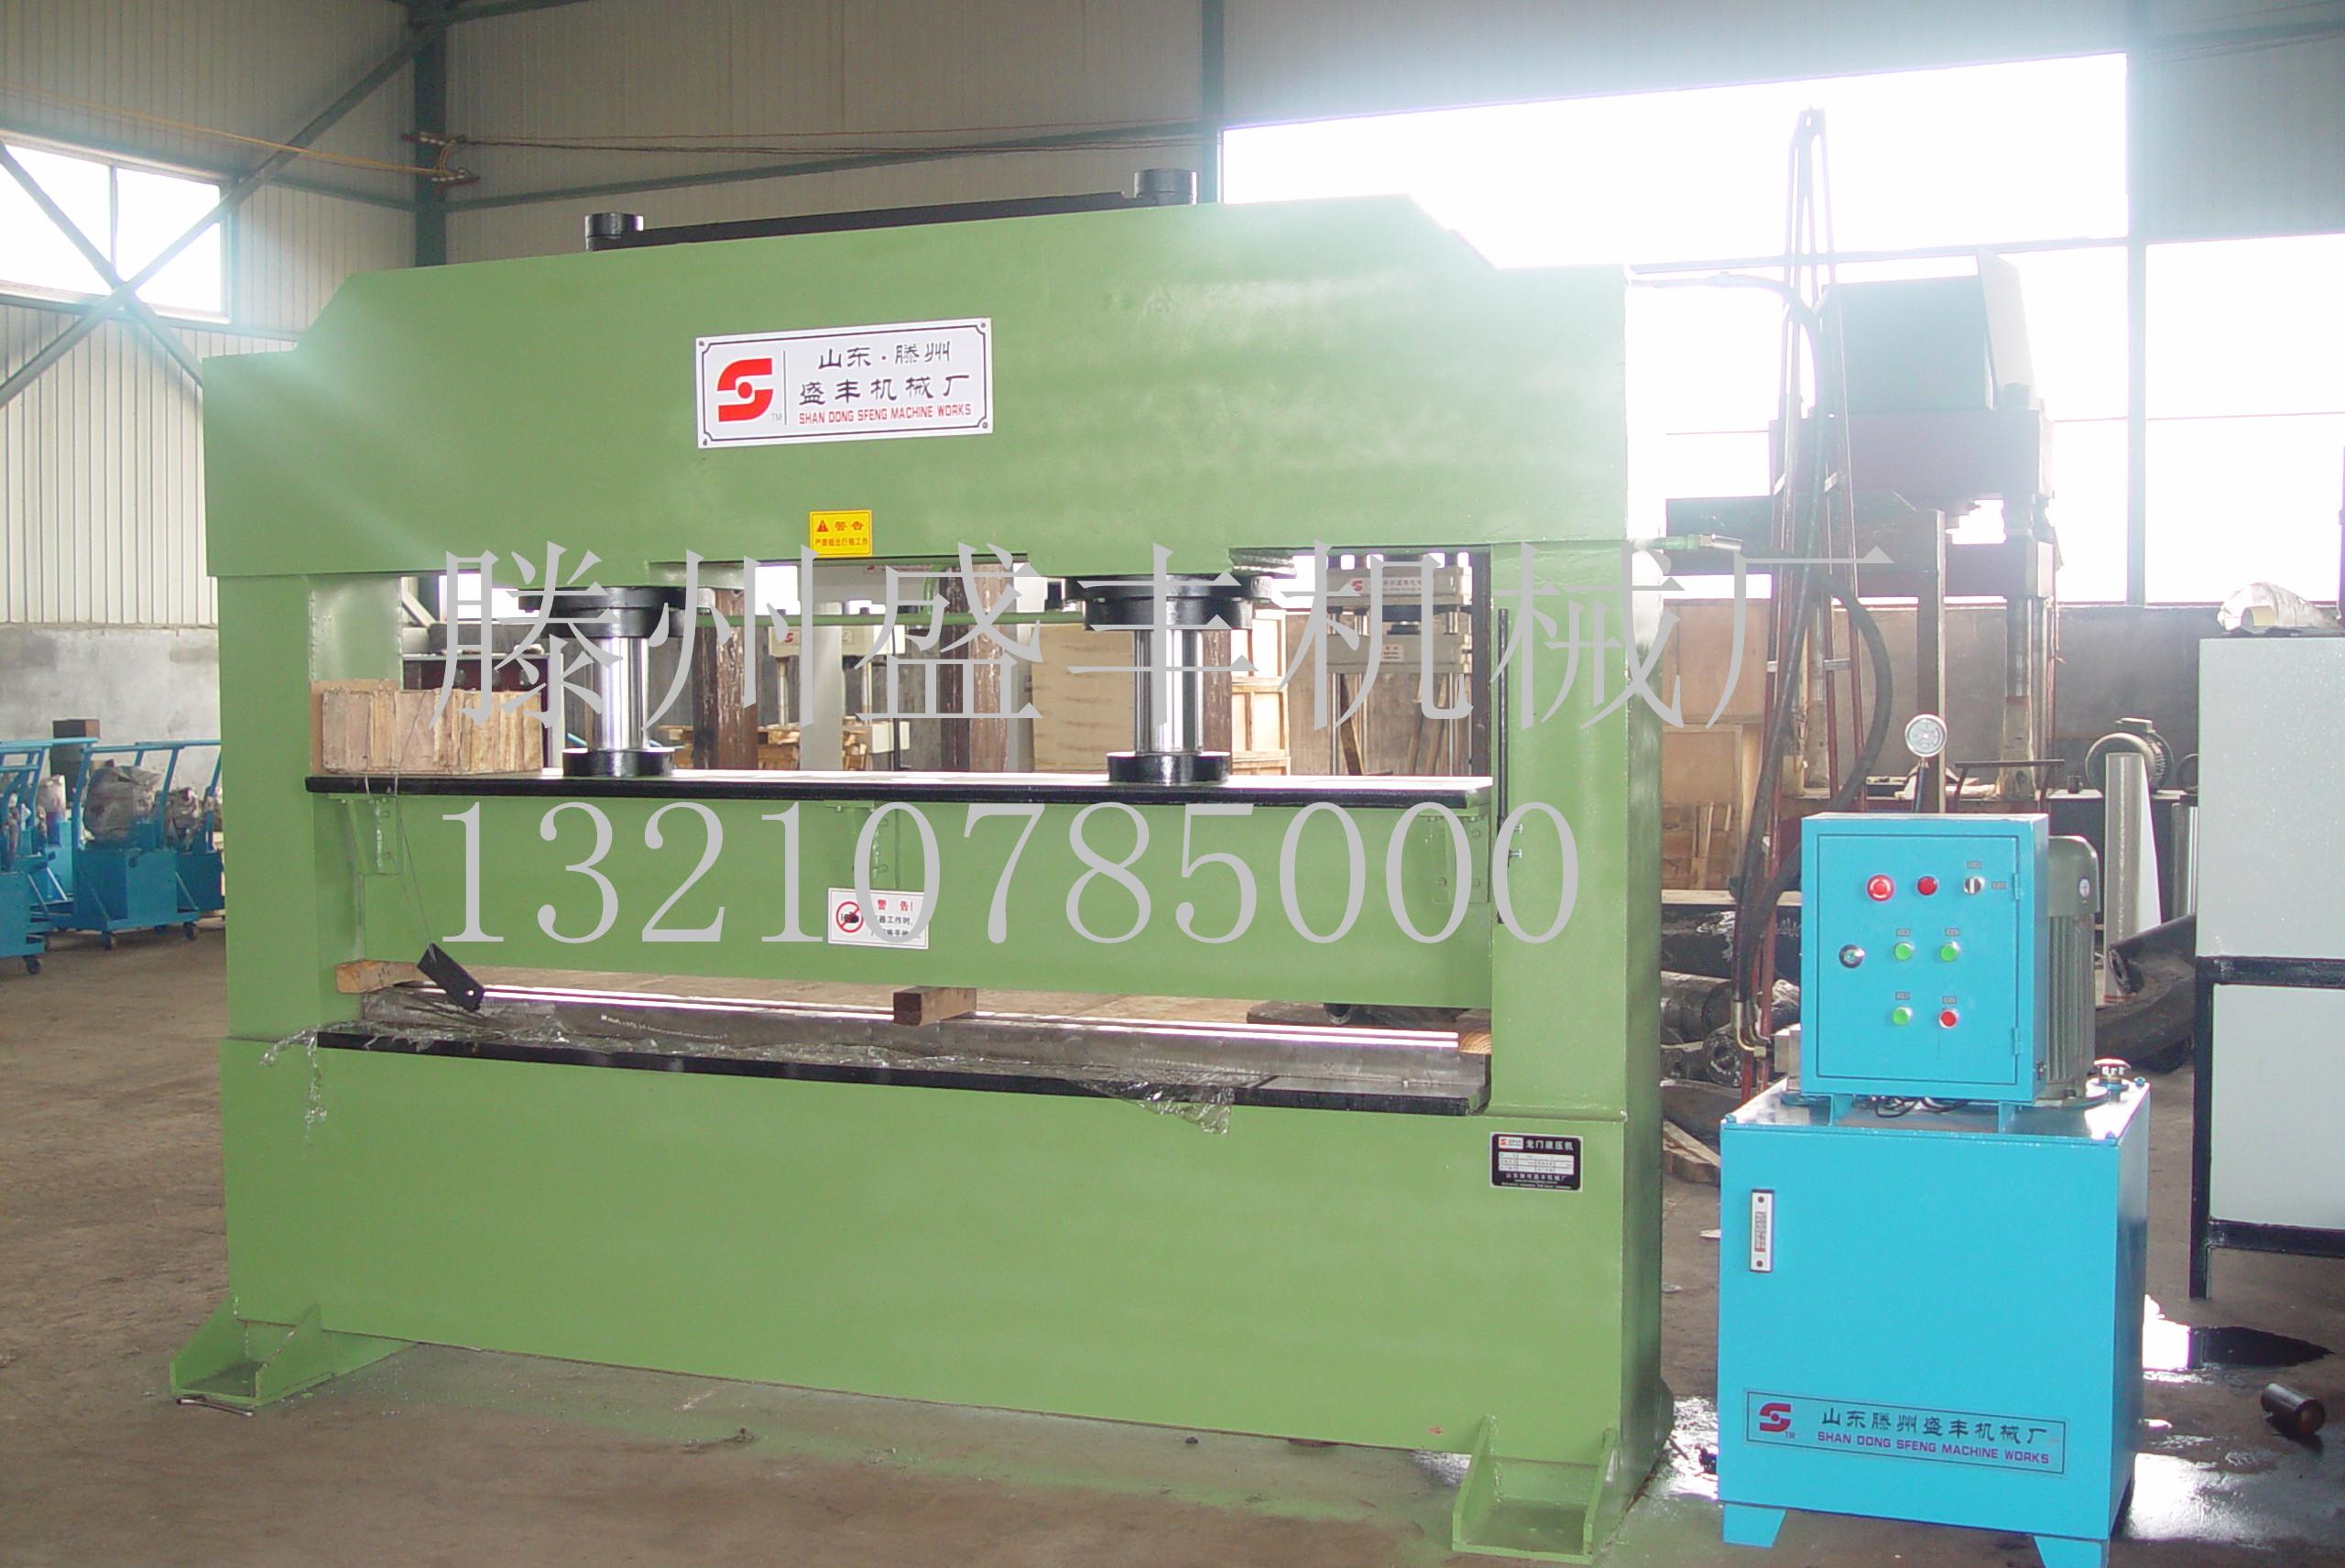 供应100T吨龙门压力机 双柱框架式液压机